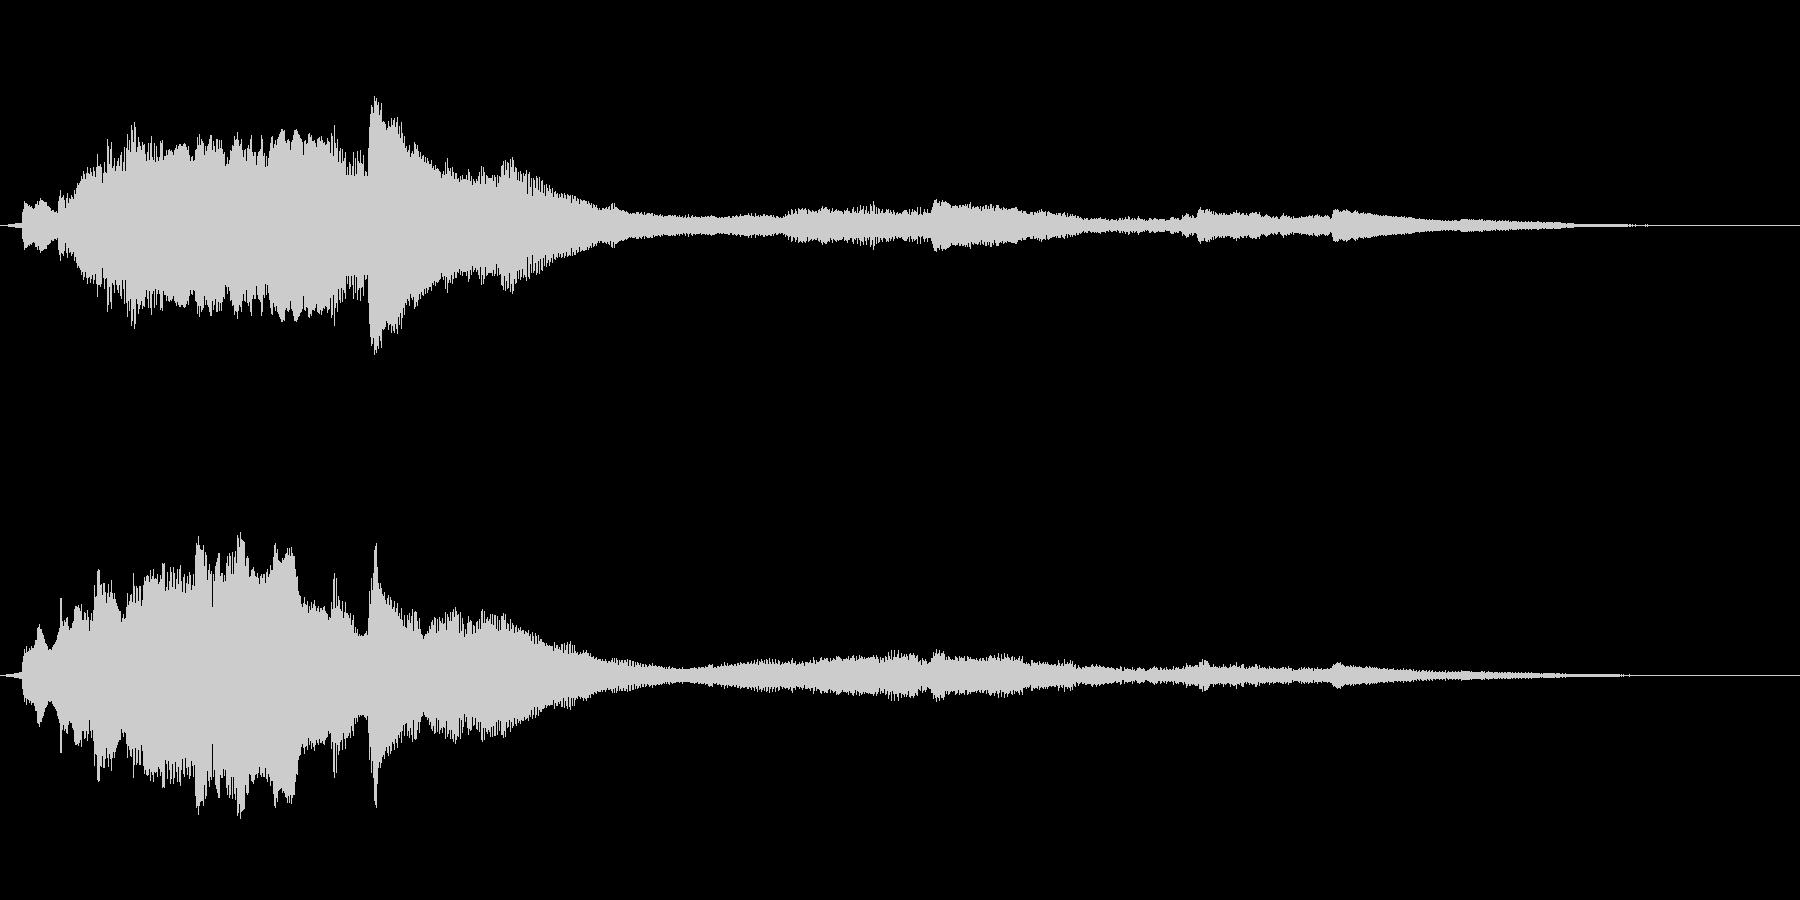 ゼンマイがテーマの綺麗な音の未再生の波形